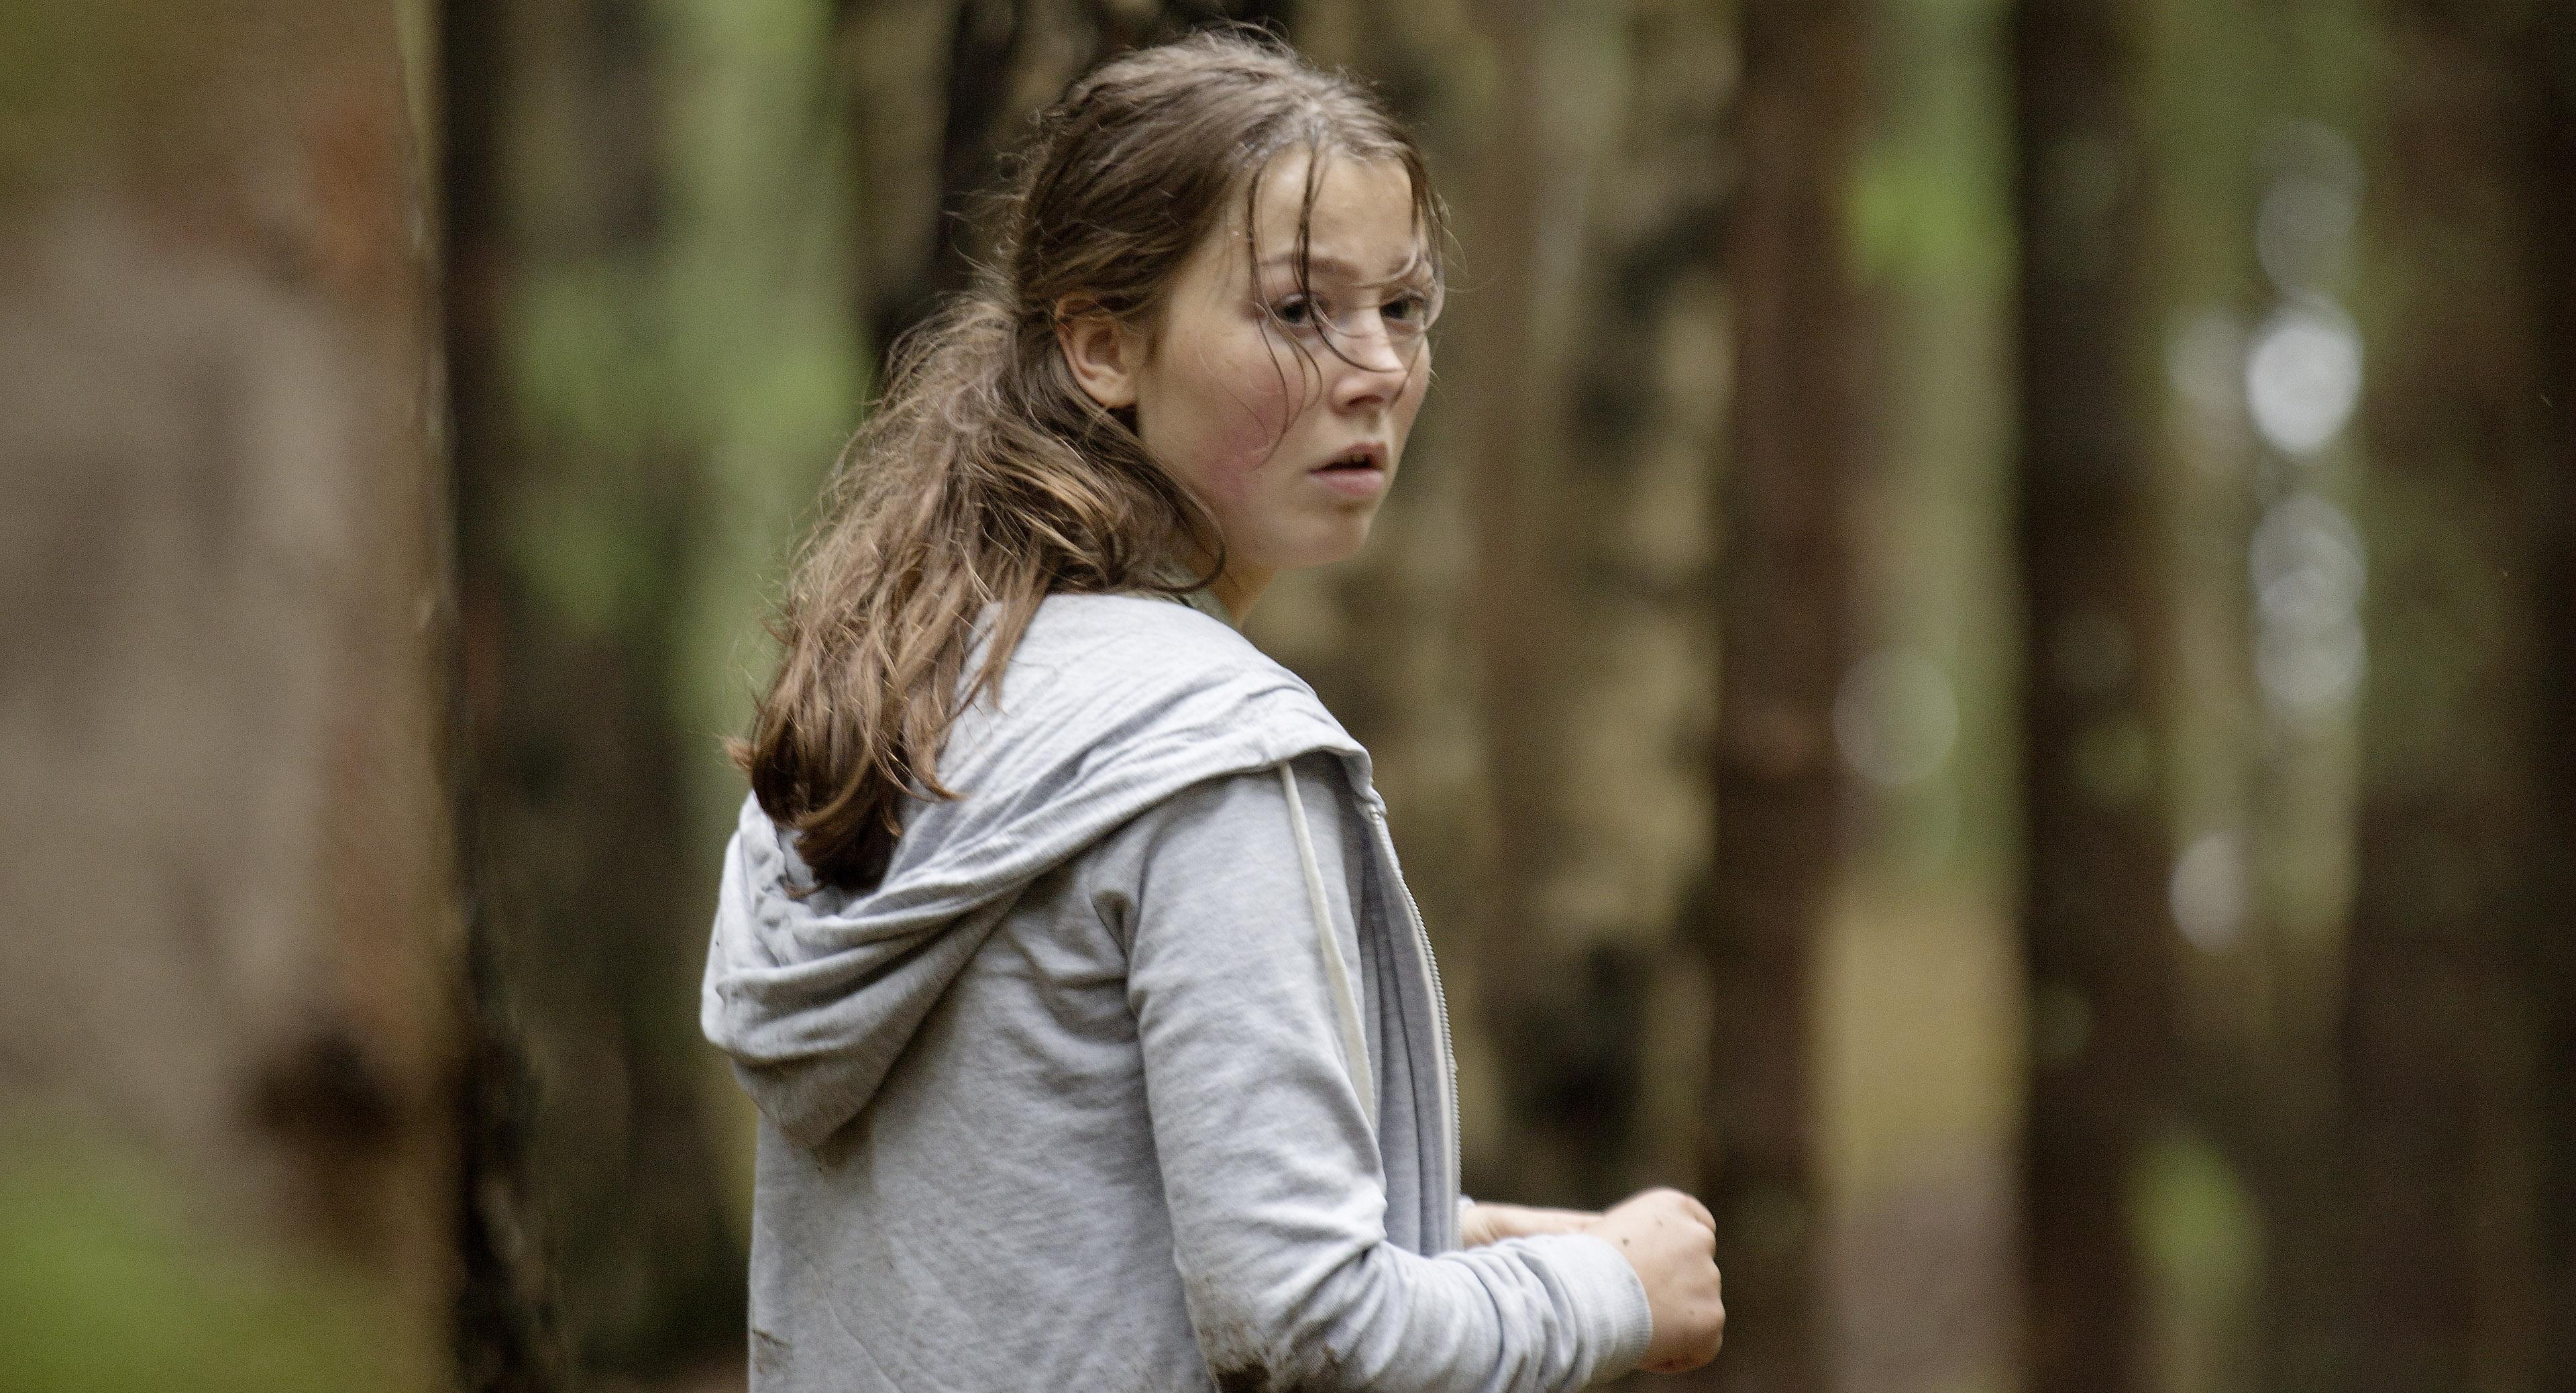 Utøya 22. Juli di Erik Poppe – Berlinale 68, concorso: la recensione